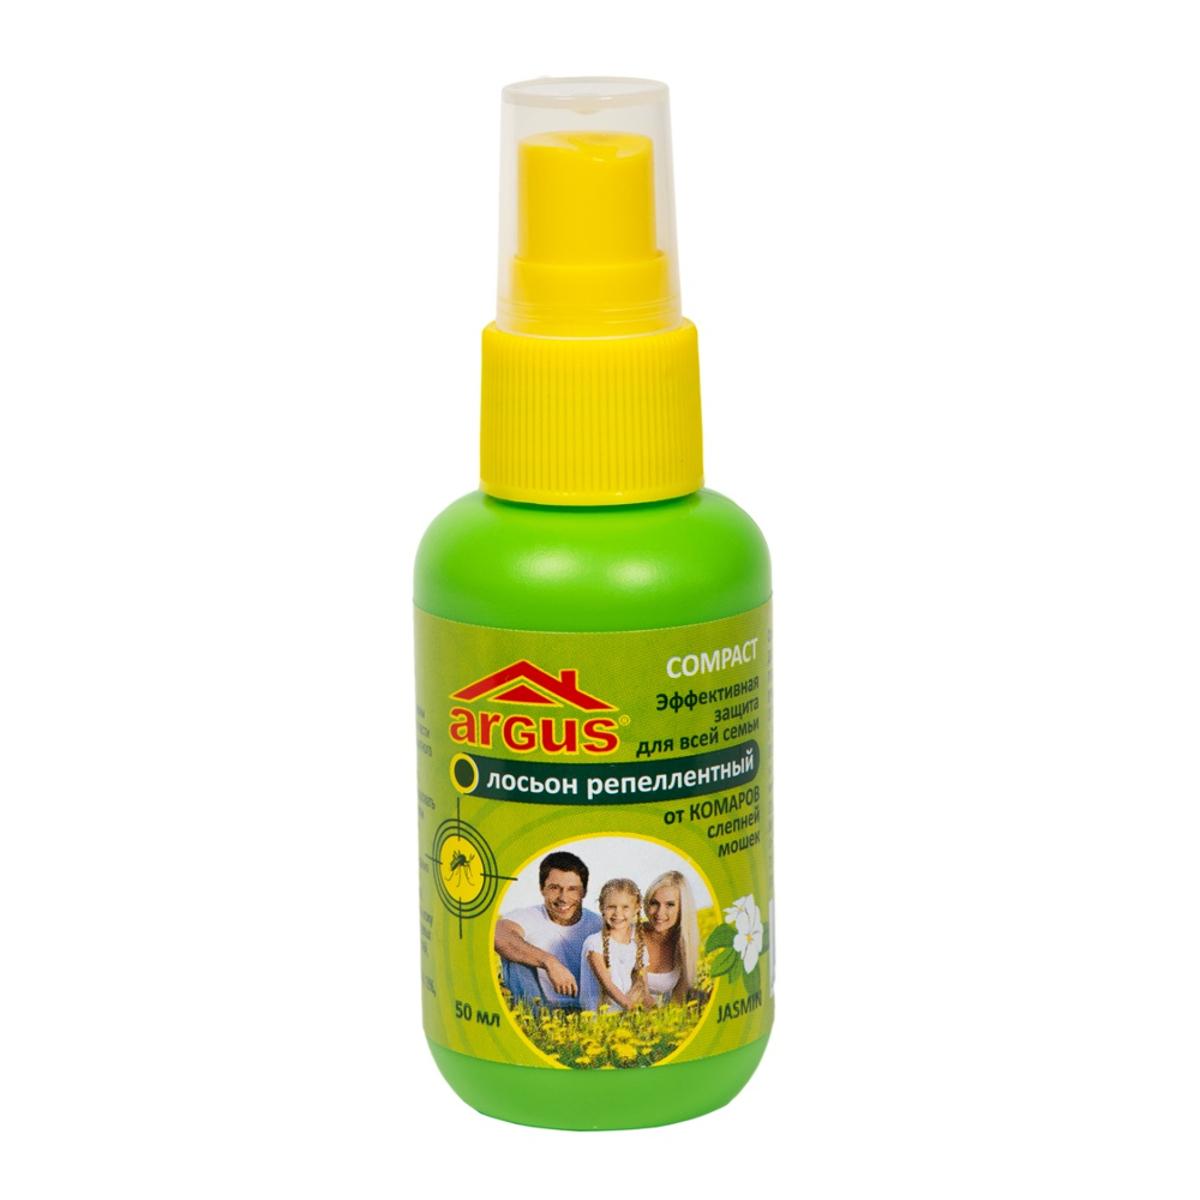 Аэрозоль от насекомых Argus, 50 млBH-SI0439-WWАэрозоль Argus используется для защиты людей от нападения кровососущих насекомых (комаров, мокрецов, москитов, слепней). Наносится на открытые части тела.Состав: N,N-диэтил-м-толуамид (ДЭТА) 18%, отдушка, спирт изопропиловый.